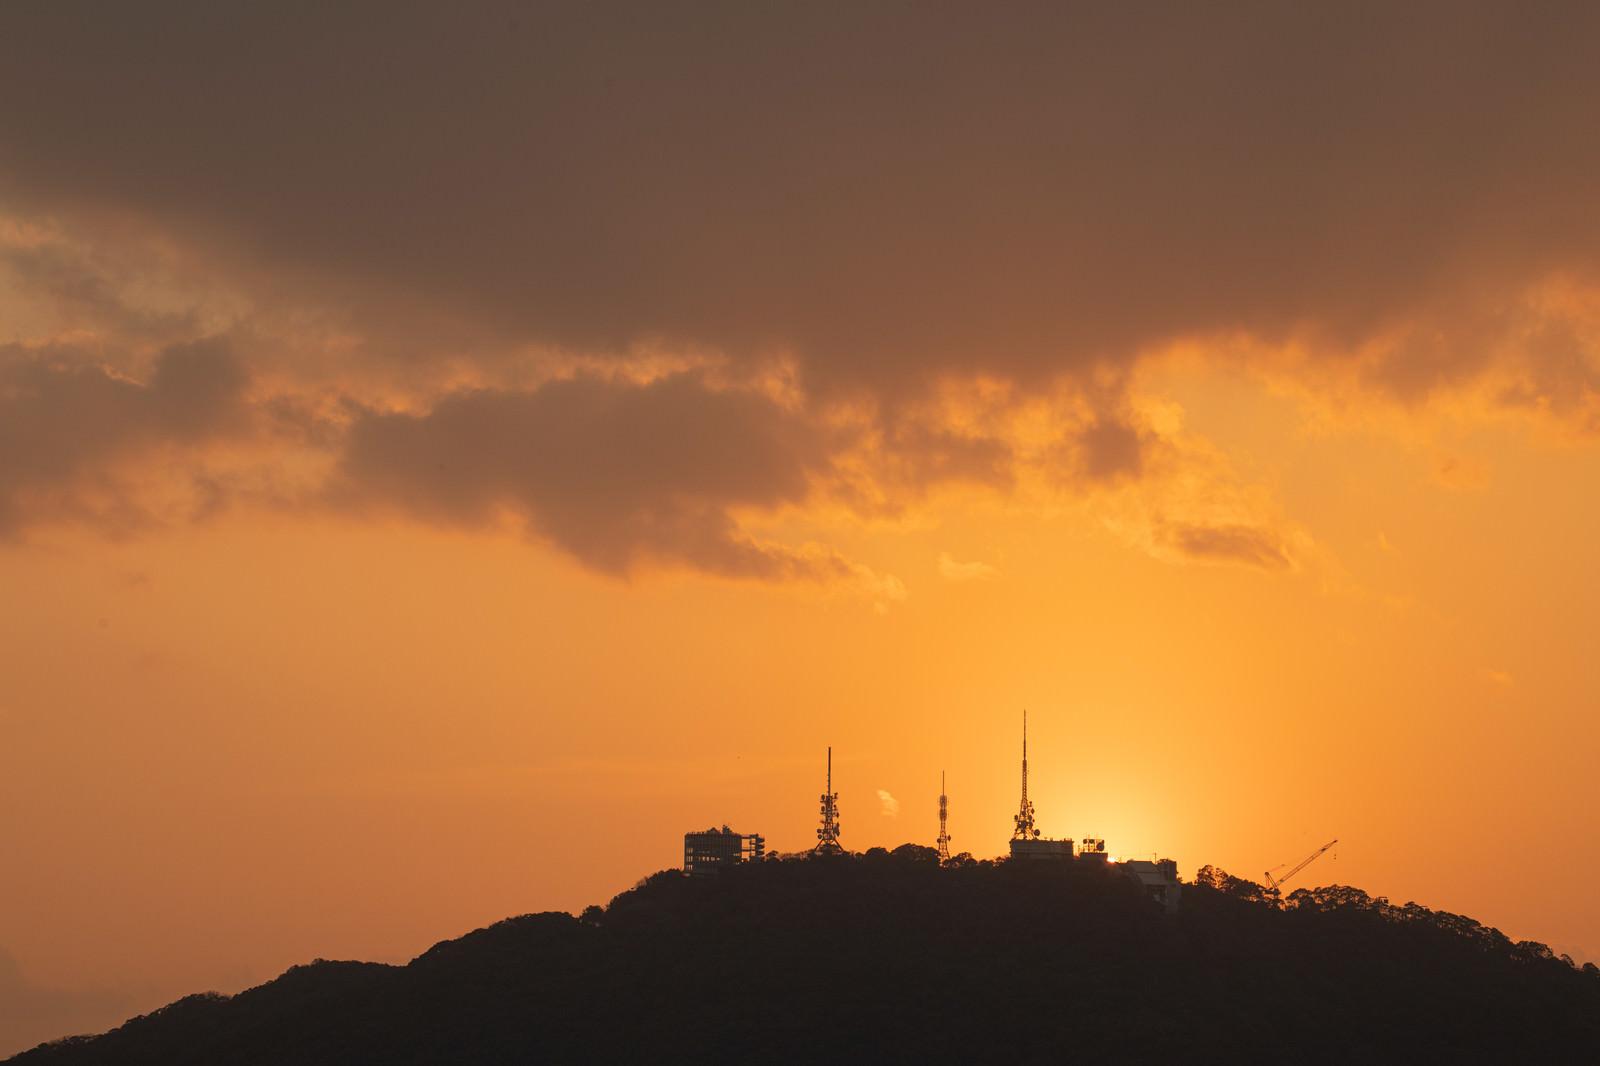 「夕焼け時の稲佐山山頂展望台のシルエット(長崎)」の写真